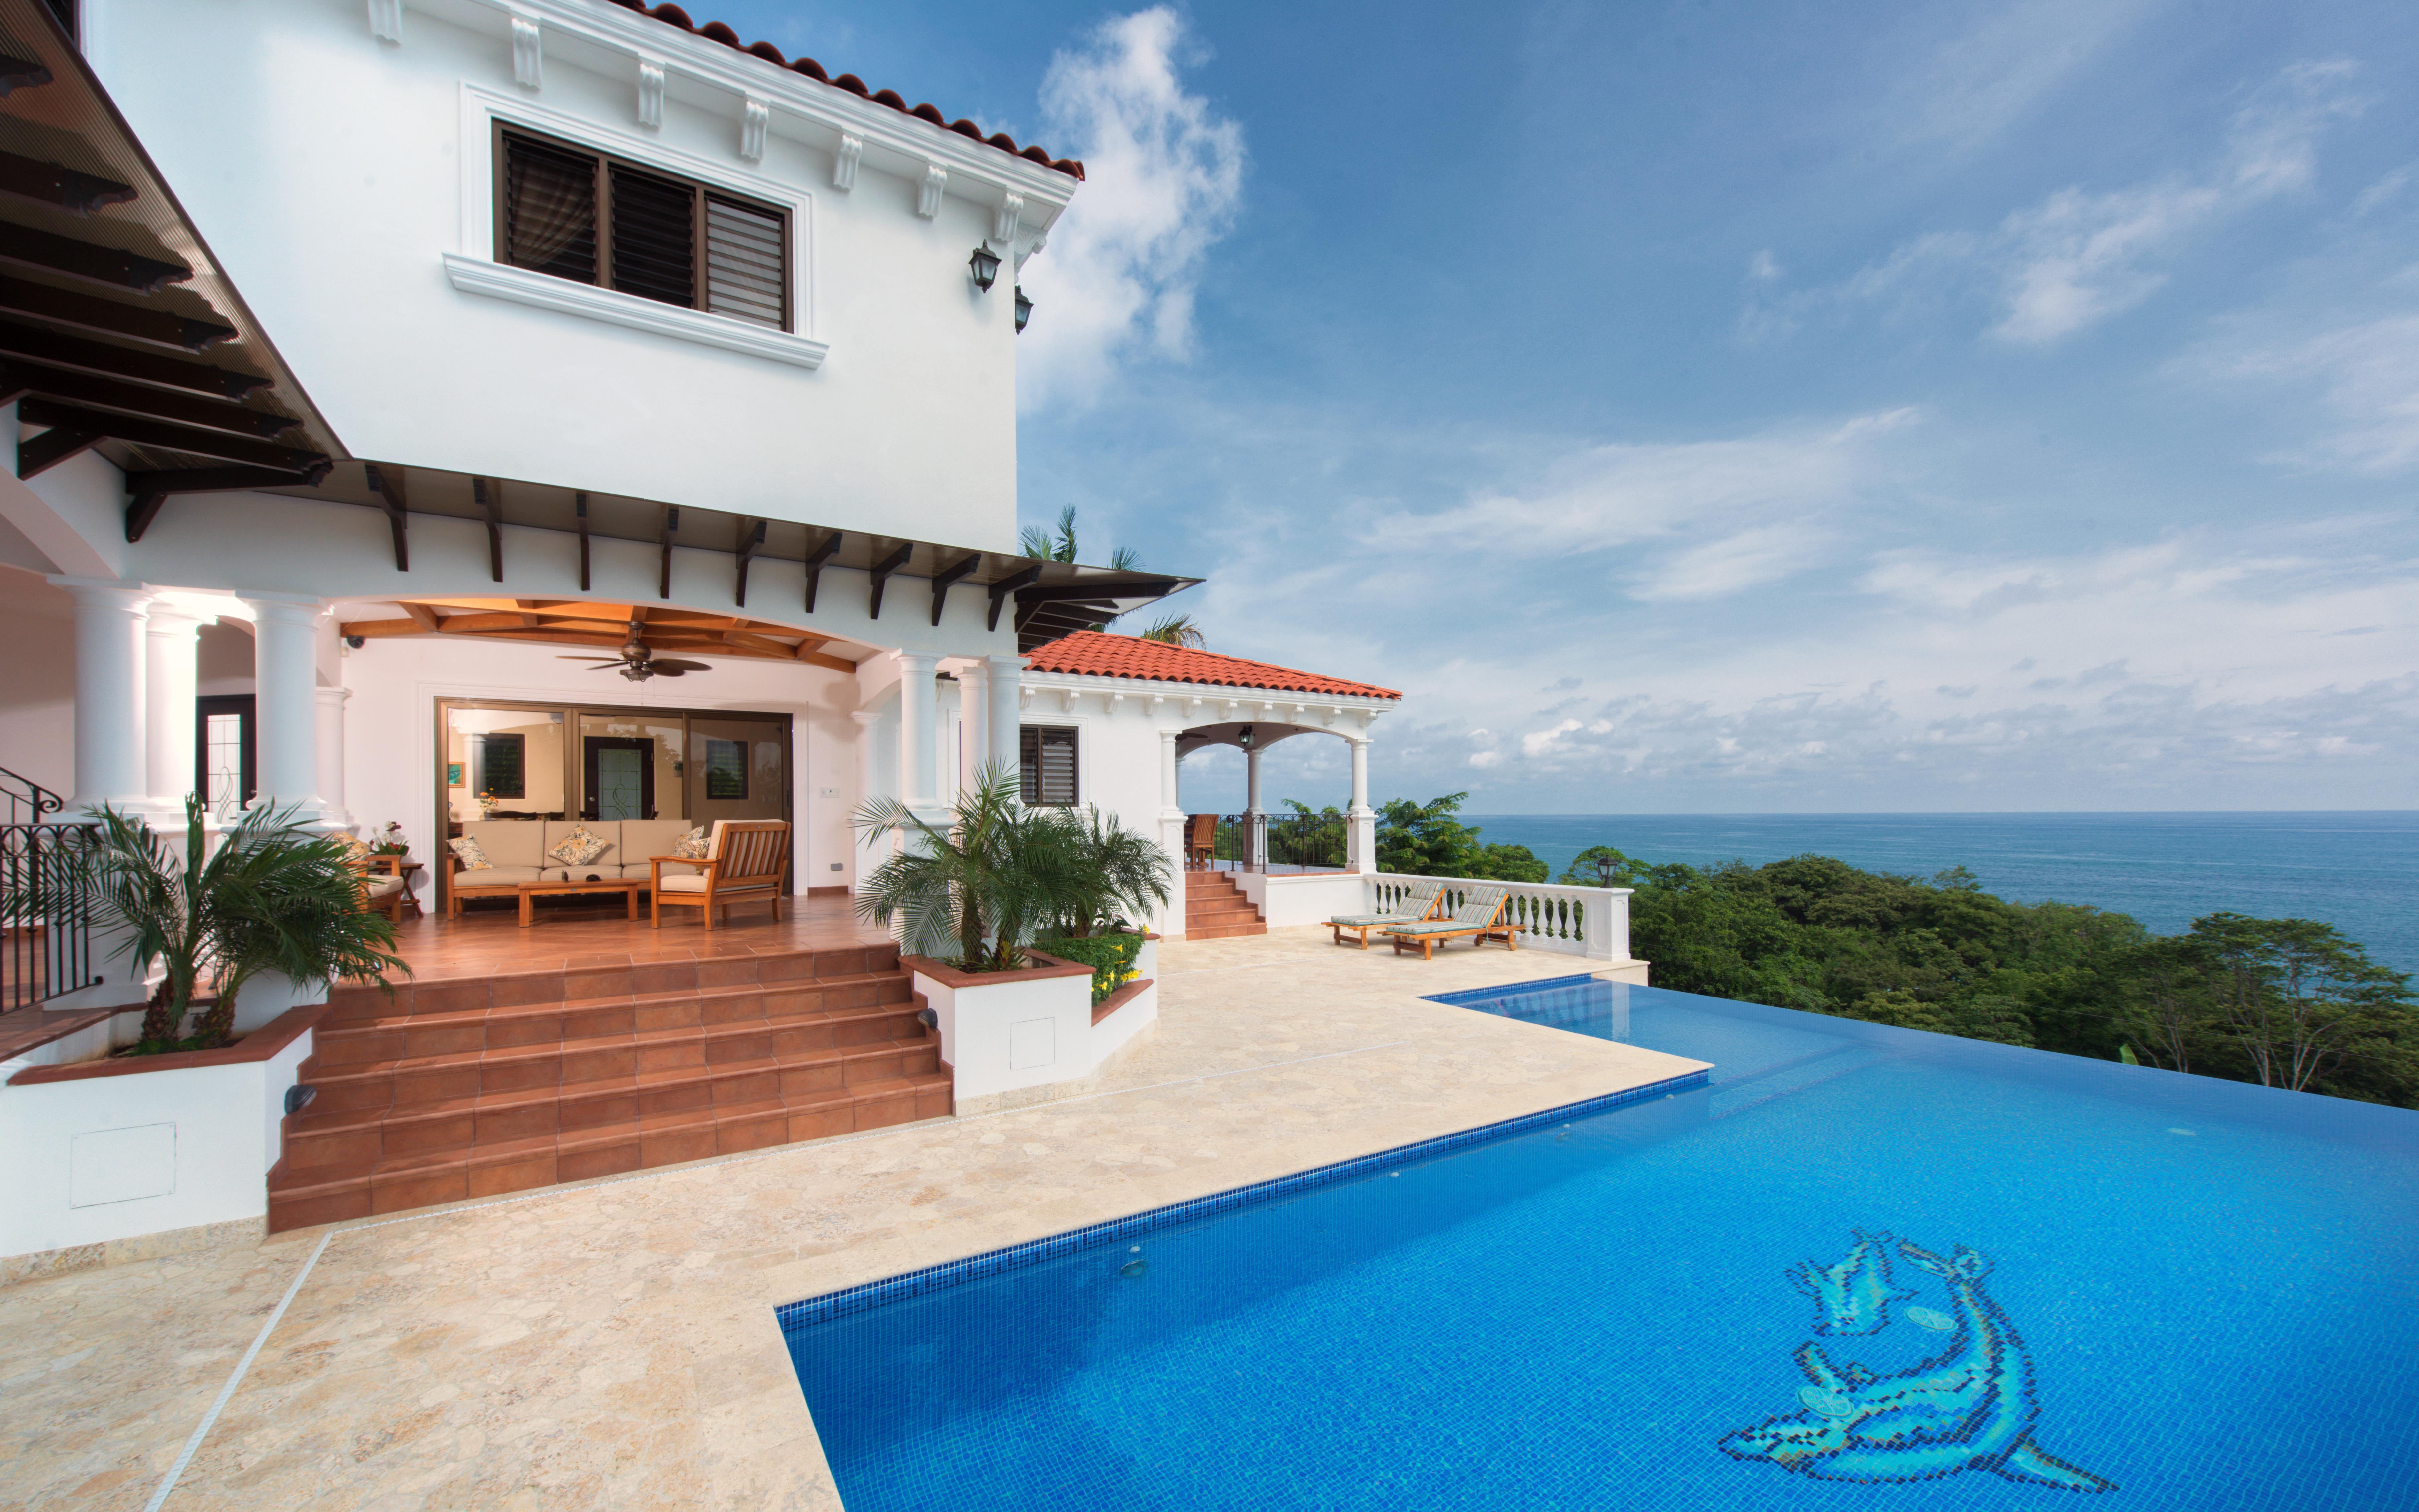 Villa Amore – Luxury Tuscan Villa